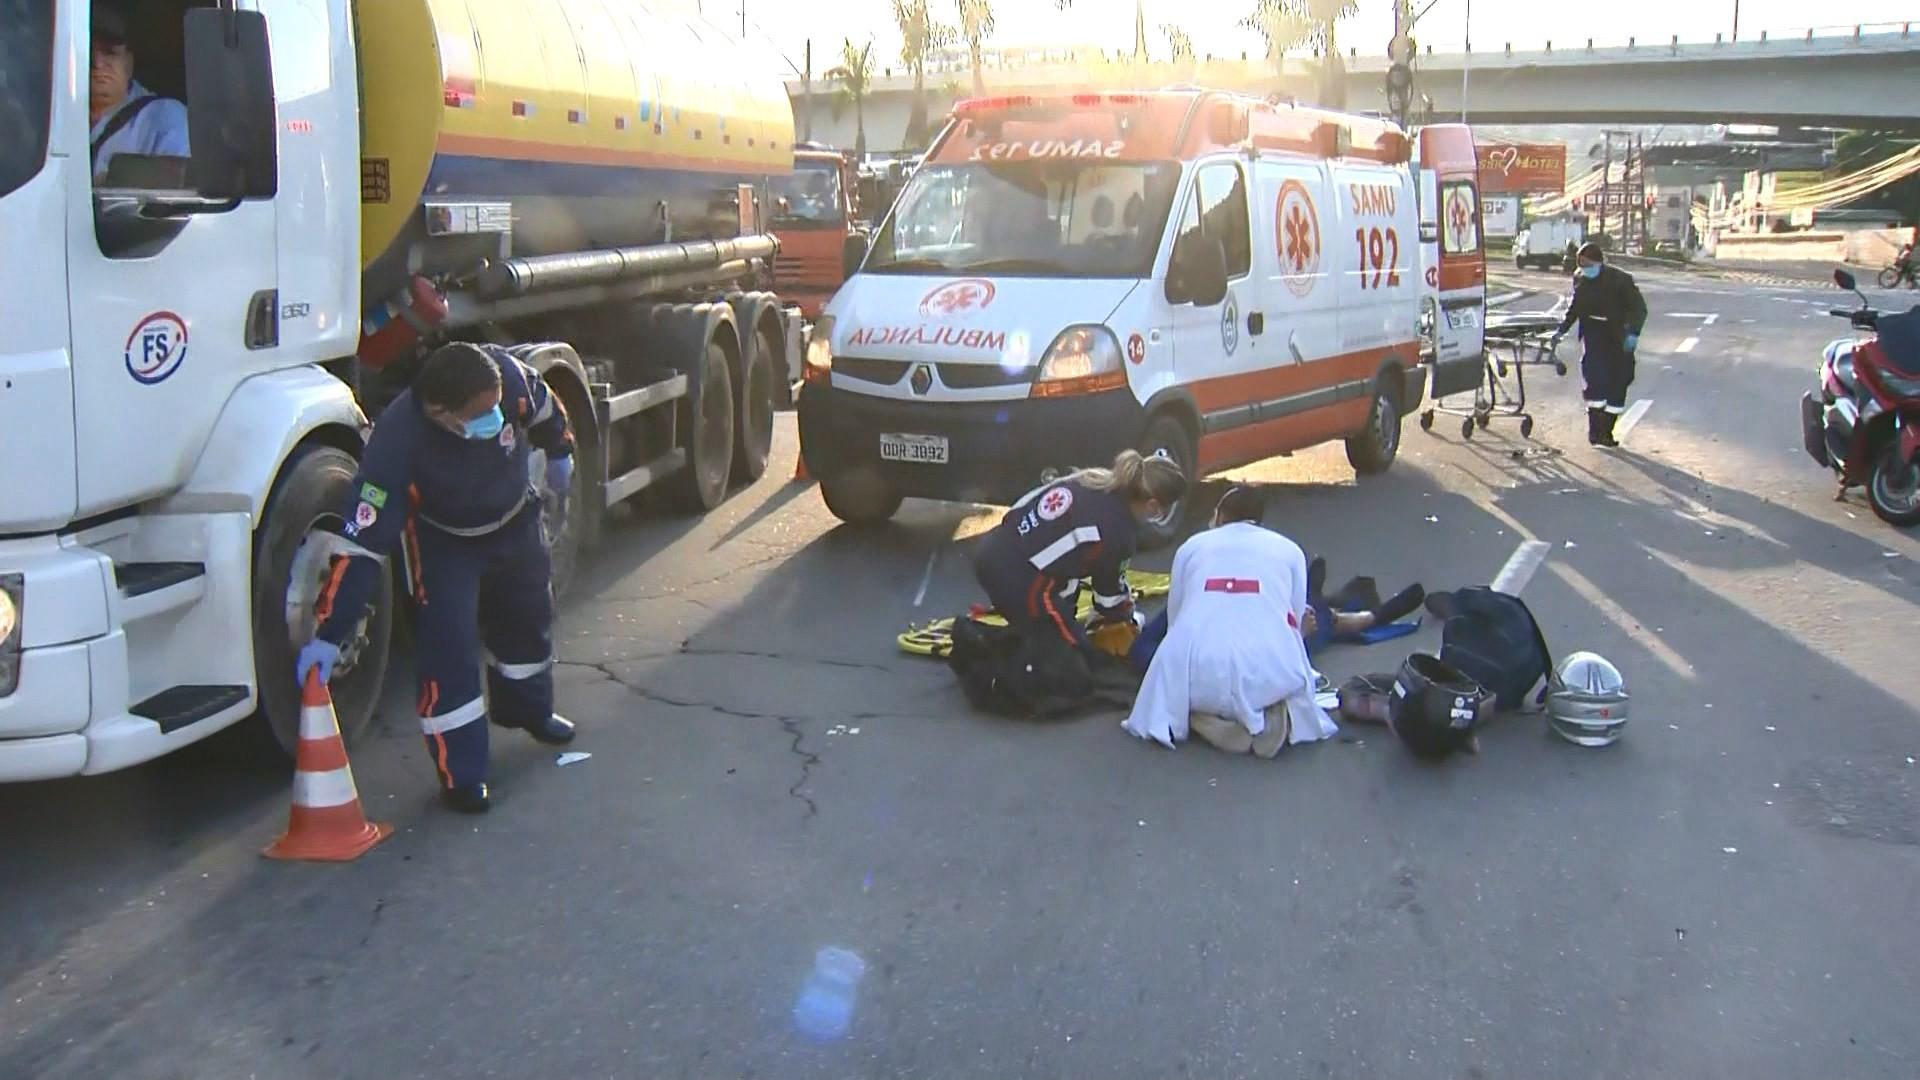 Motociclista perde controle da moto e cai na pista em Cariacica, ES